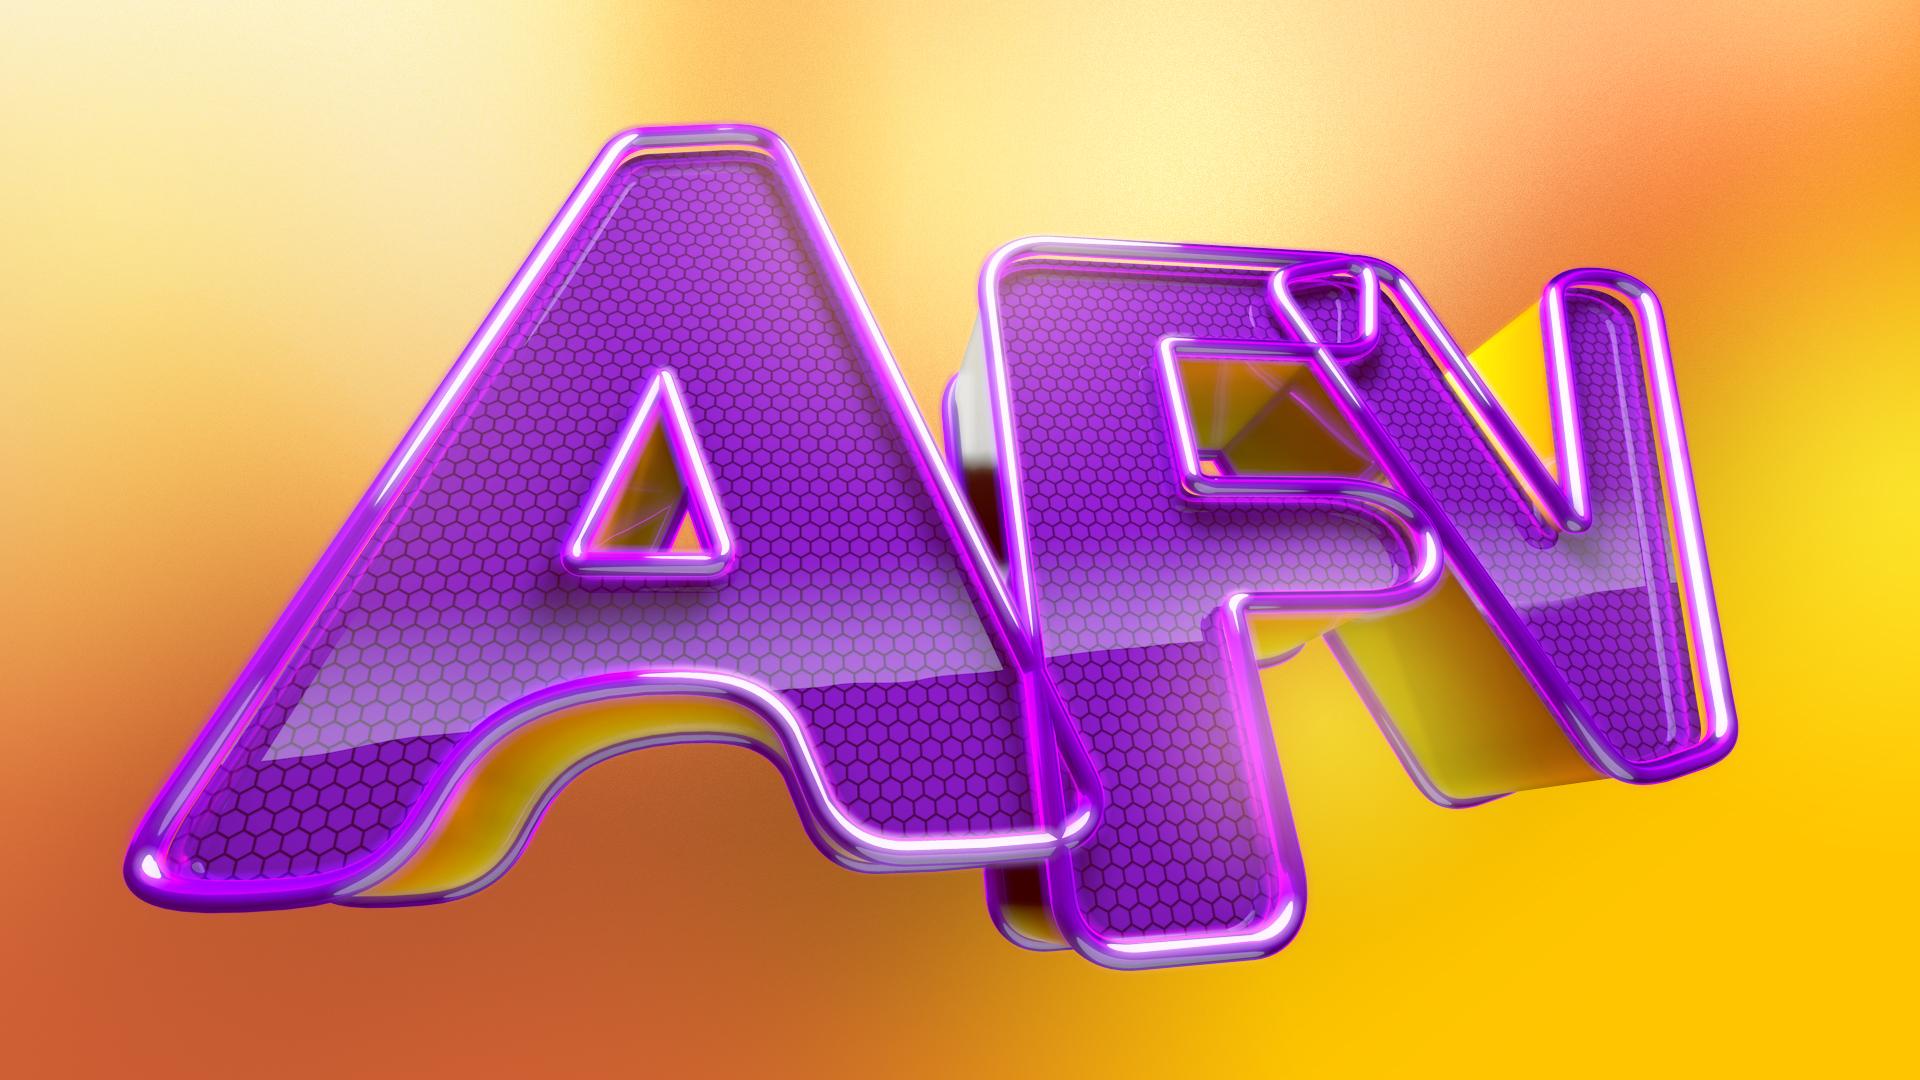 AFV_logo_open_01_04.jpg